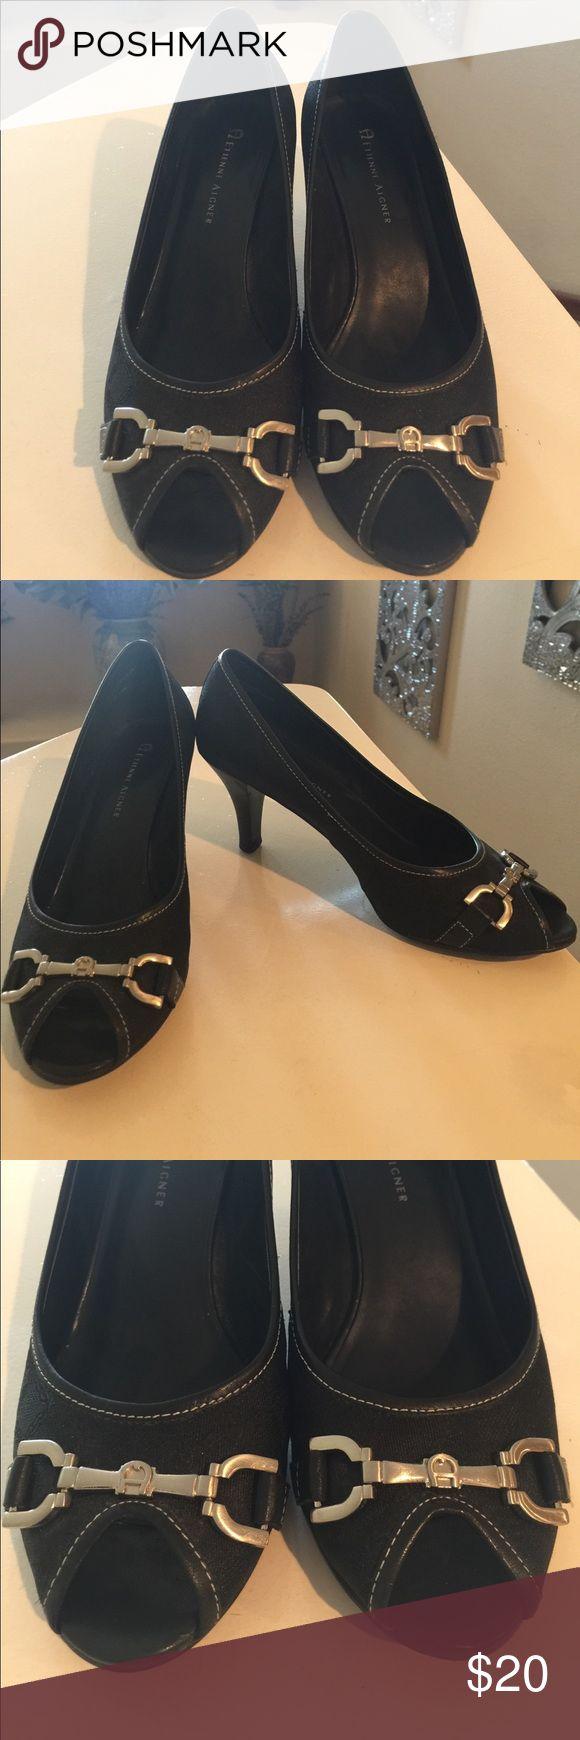 Etienne aigner black leather gloves - Etienne Aigner Peep Toe Pump In Black